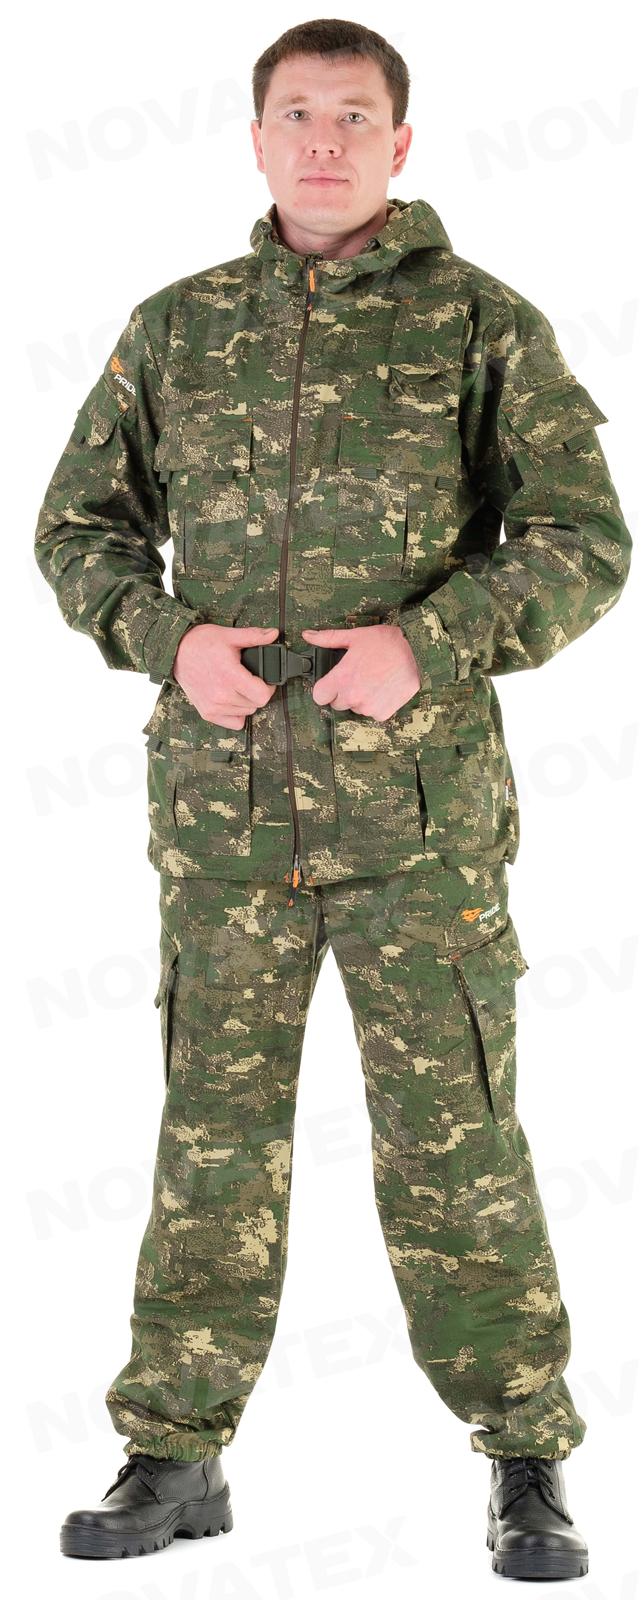 Костюм «Росомаха» (хлопок, сафари) PRIDE (60-62 Костюмы неутепленные<br>Ткань: 100% хлопок. Плотность: 250 г/кв.м. Многофункциональный <br>костюм «Росомаха» (ТМ «PRIDE») от Novatex для активного <br>отдыха. Состоит из удлиненной куртки и брюк-полукомбинезона. <br>В куртке четыре объемных накладных кармана <br>на кнопках, карман под рацию, два накладных <br>кармана на рукавах, внутренний карман на <br>контактной ленте. Широкие шлевки под тактический <br>ремень. На спинке куртка по талии собрана <br>на широкую резинку. Низ куртки утягивается. <br>Капюшон с утяжкой по овалу лица и по объему. <br>Манжеты рукавов на эластичной ленте, дополнительно <br>регулируются по объему. В брюках два накладных <br>кармана на кнопках, два кармана у пояса. <br>Низ брюк собран на резинку. Пояс брюк с эластичными <br>вставками по бокам, с шлевками под ремень, <br>застегивается на молнию и пуговицу. Спинка <br>легко отстегивается и полукомбинезон превращается <br>в брюки. Подтяжки регулируются по высоте, <br>имеют эластичные вставки для удобства. <br>Костюм «Росомаха» отлично подойдет для <br>охоты, рыбалки и туризма.<br><br>Пол: мужской<br>Сезон: лето<br>Цвет: зеленый